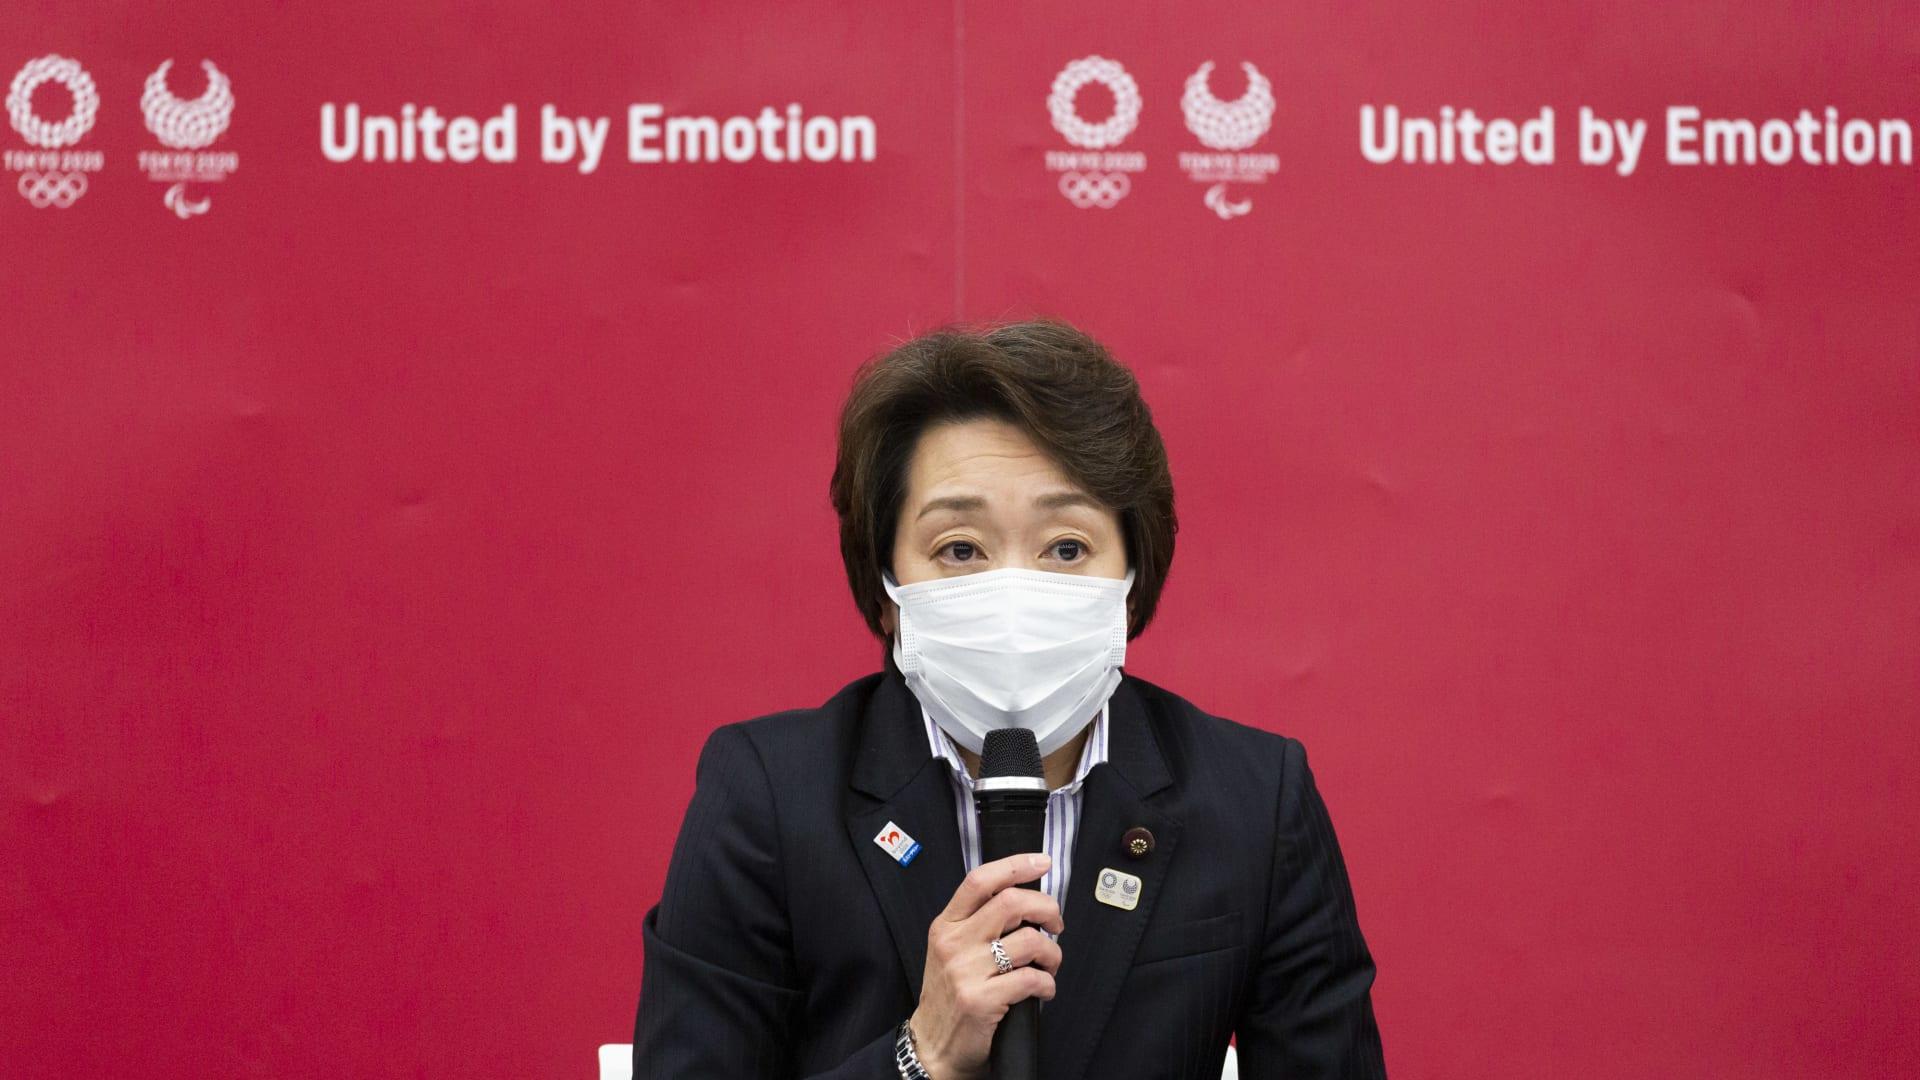 """رئيسة أولمبياد طوكيو 2020 تأسف """"بشدة"""" لمزاعم التحرش بمتزلج ياباني"""